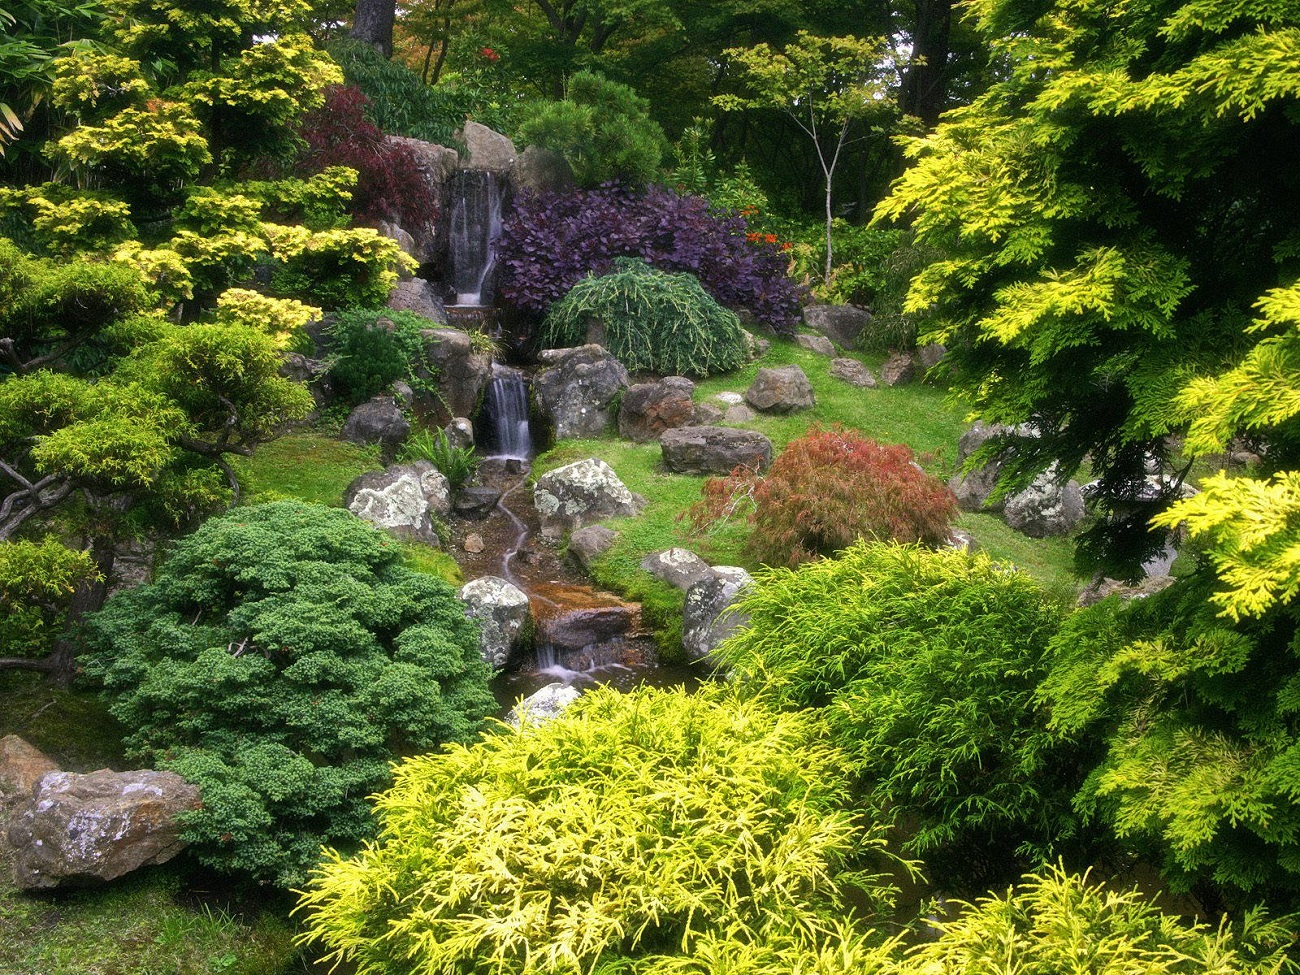 Grădina ceaiurilor japoneze, Parcul Golden Gate, San Francisco